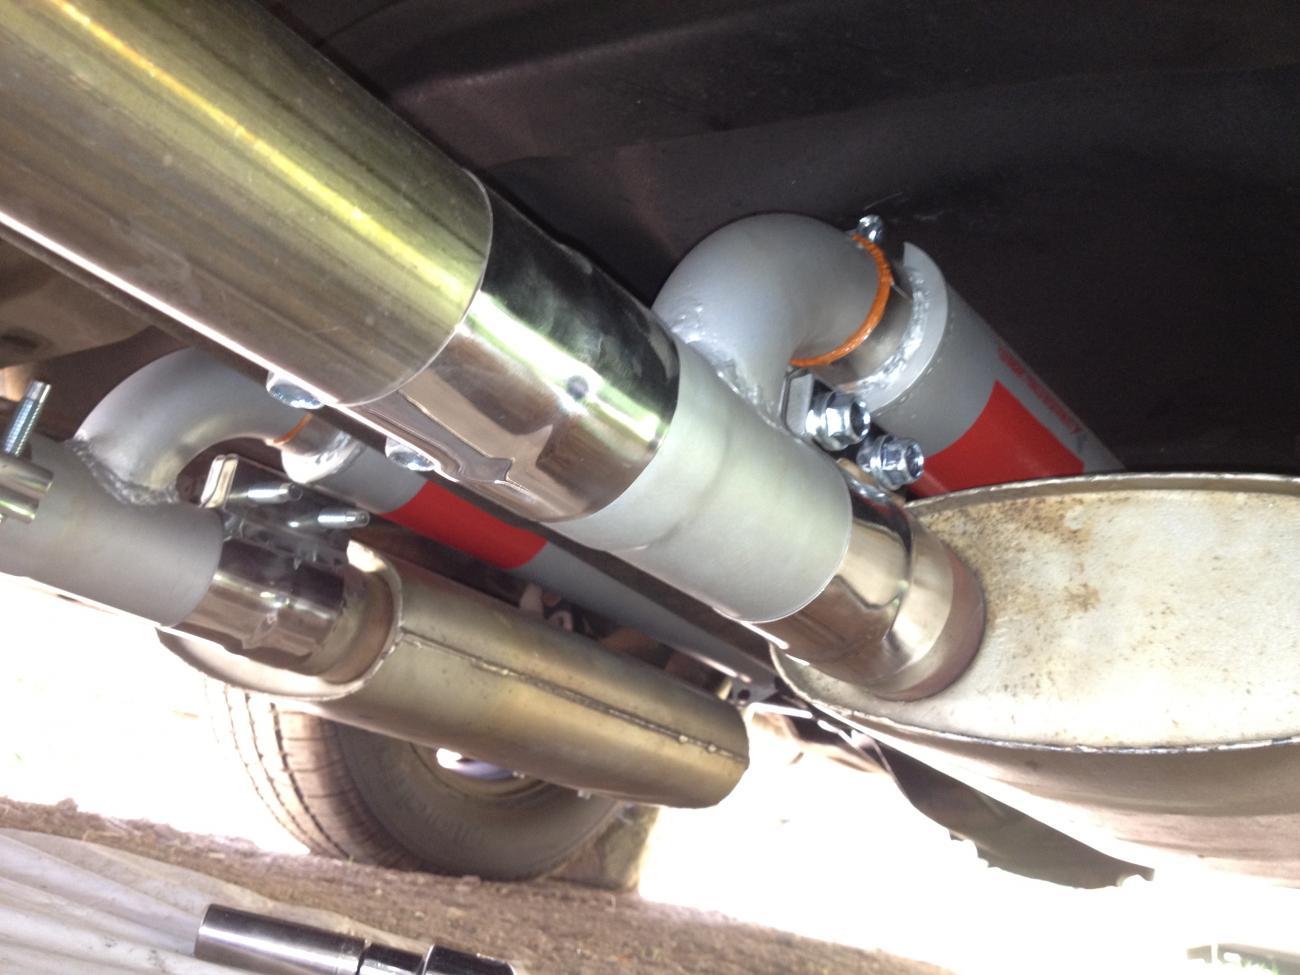 100+ Exhaust Resonators For Cars – yasminroohi